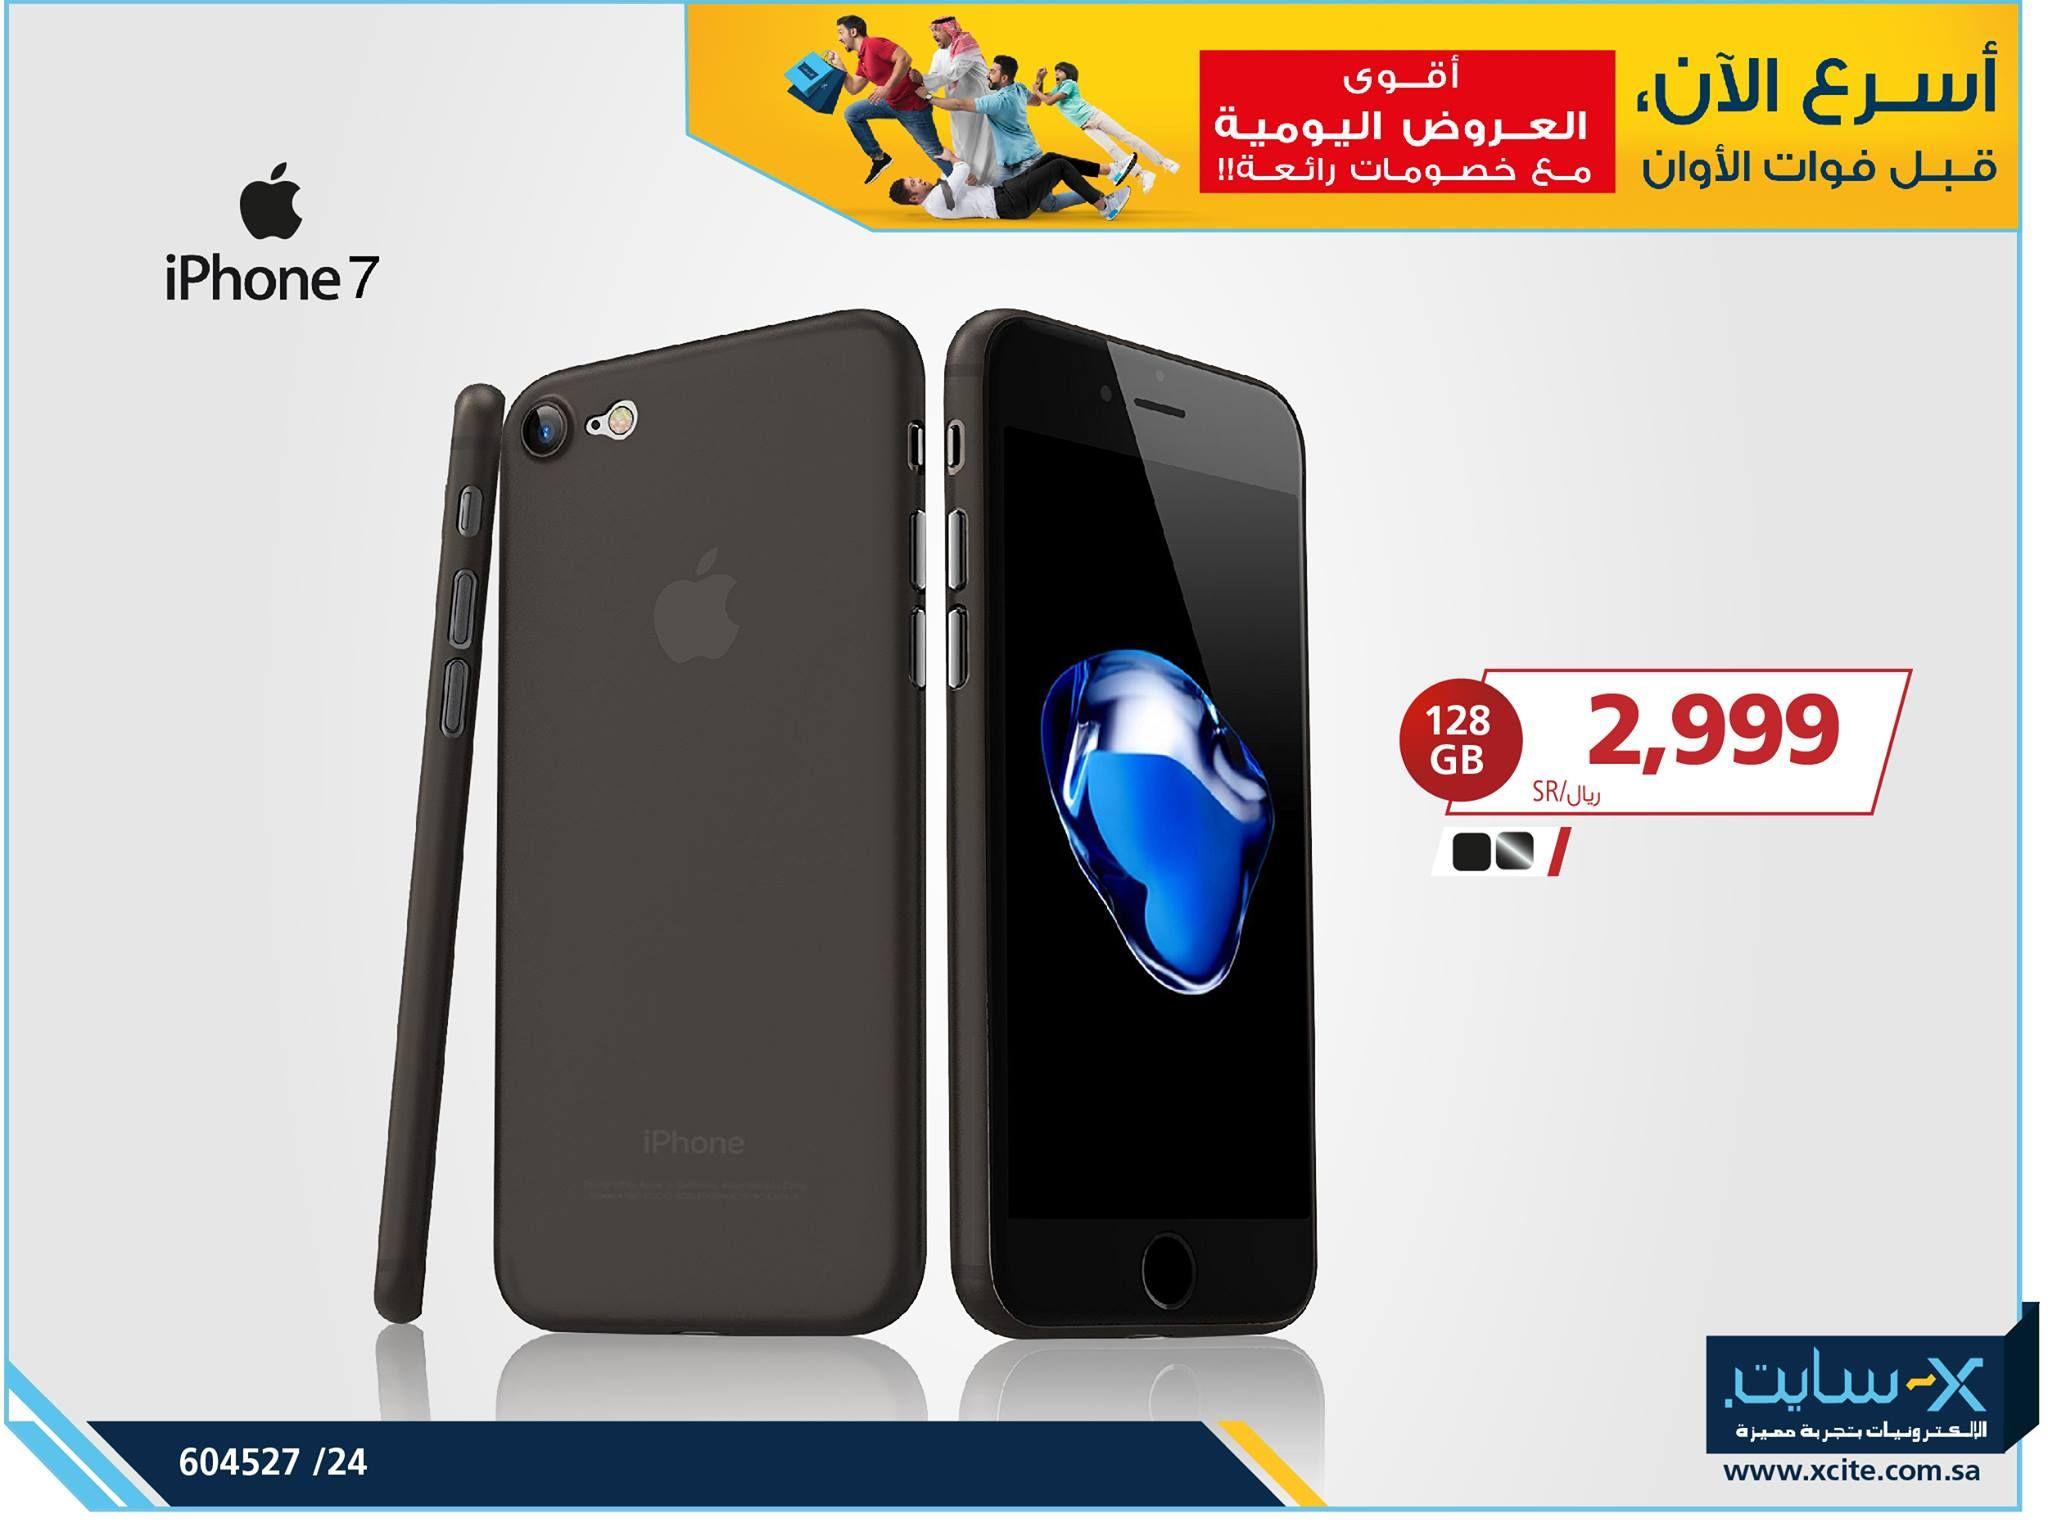 سعر ايفون 7 Iphone سعة 128 جيجا في اكسايت للالكترونيات عروض اليوم Iphone 7 Price Mobile Offers Iphone